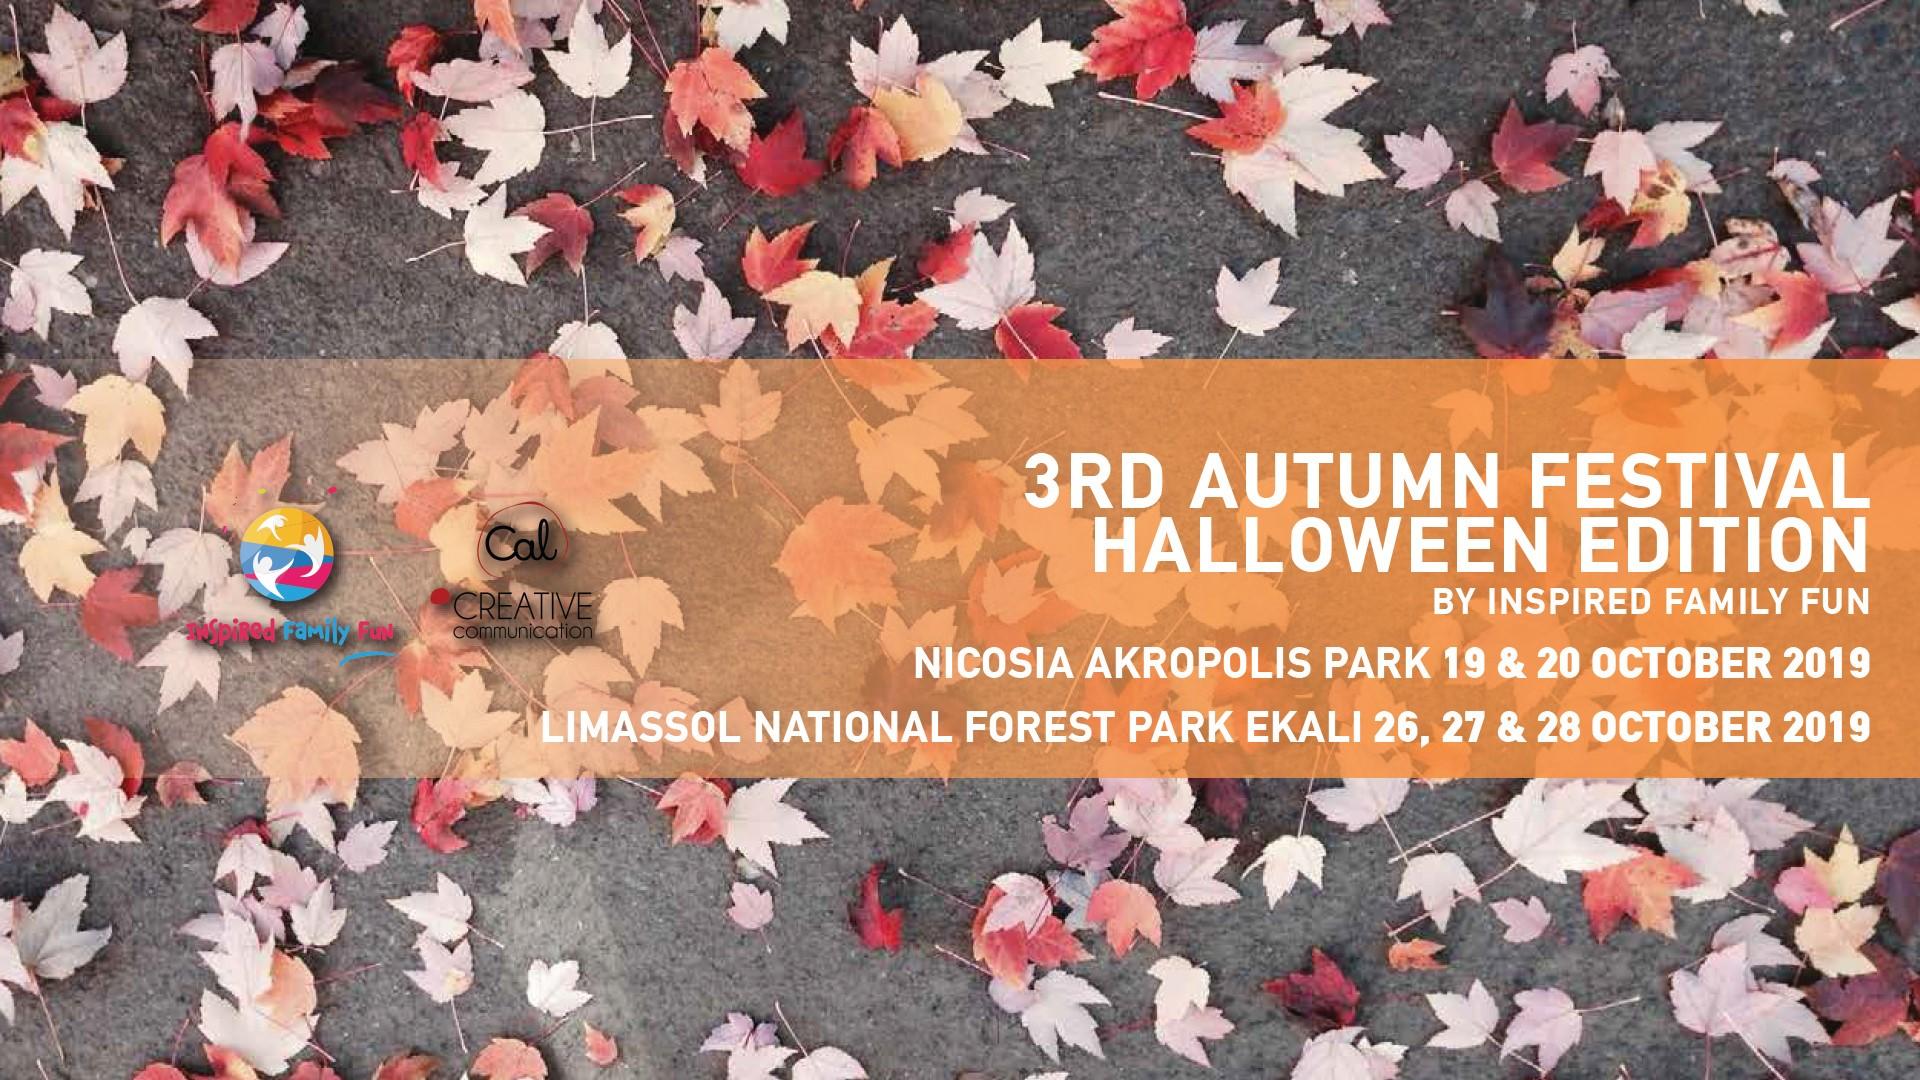 3rd Autumn Festival Halloween Edition